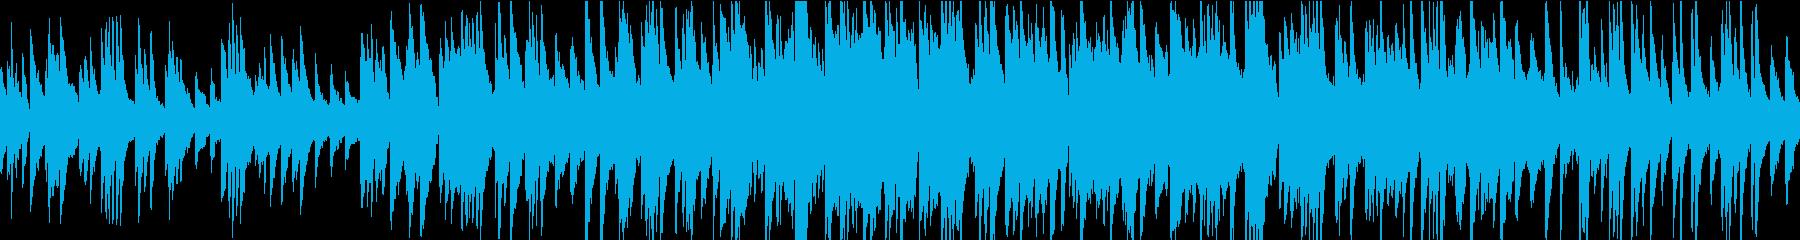 あたたかい雰囲気の感動演出バラードループの再生済みの波形